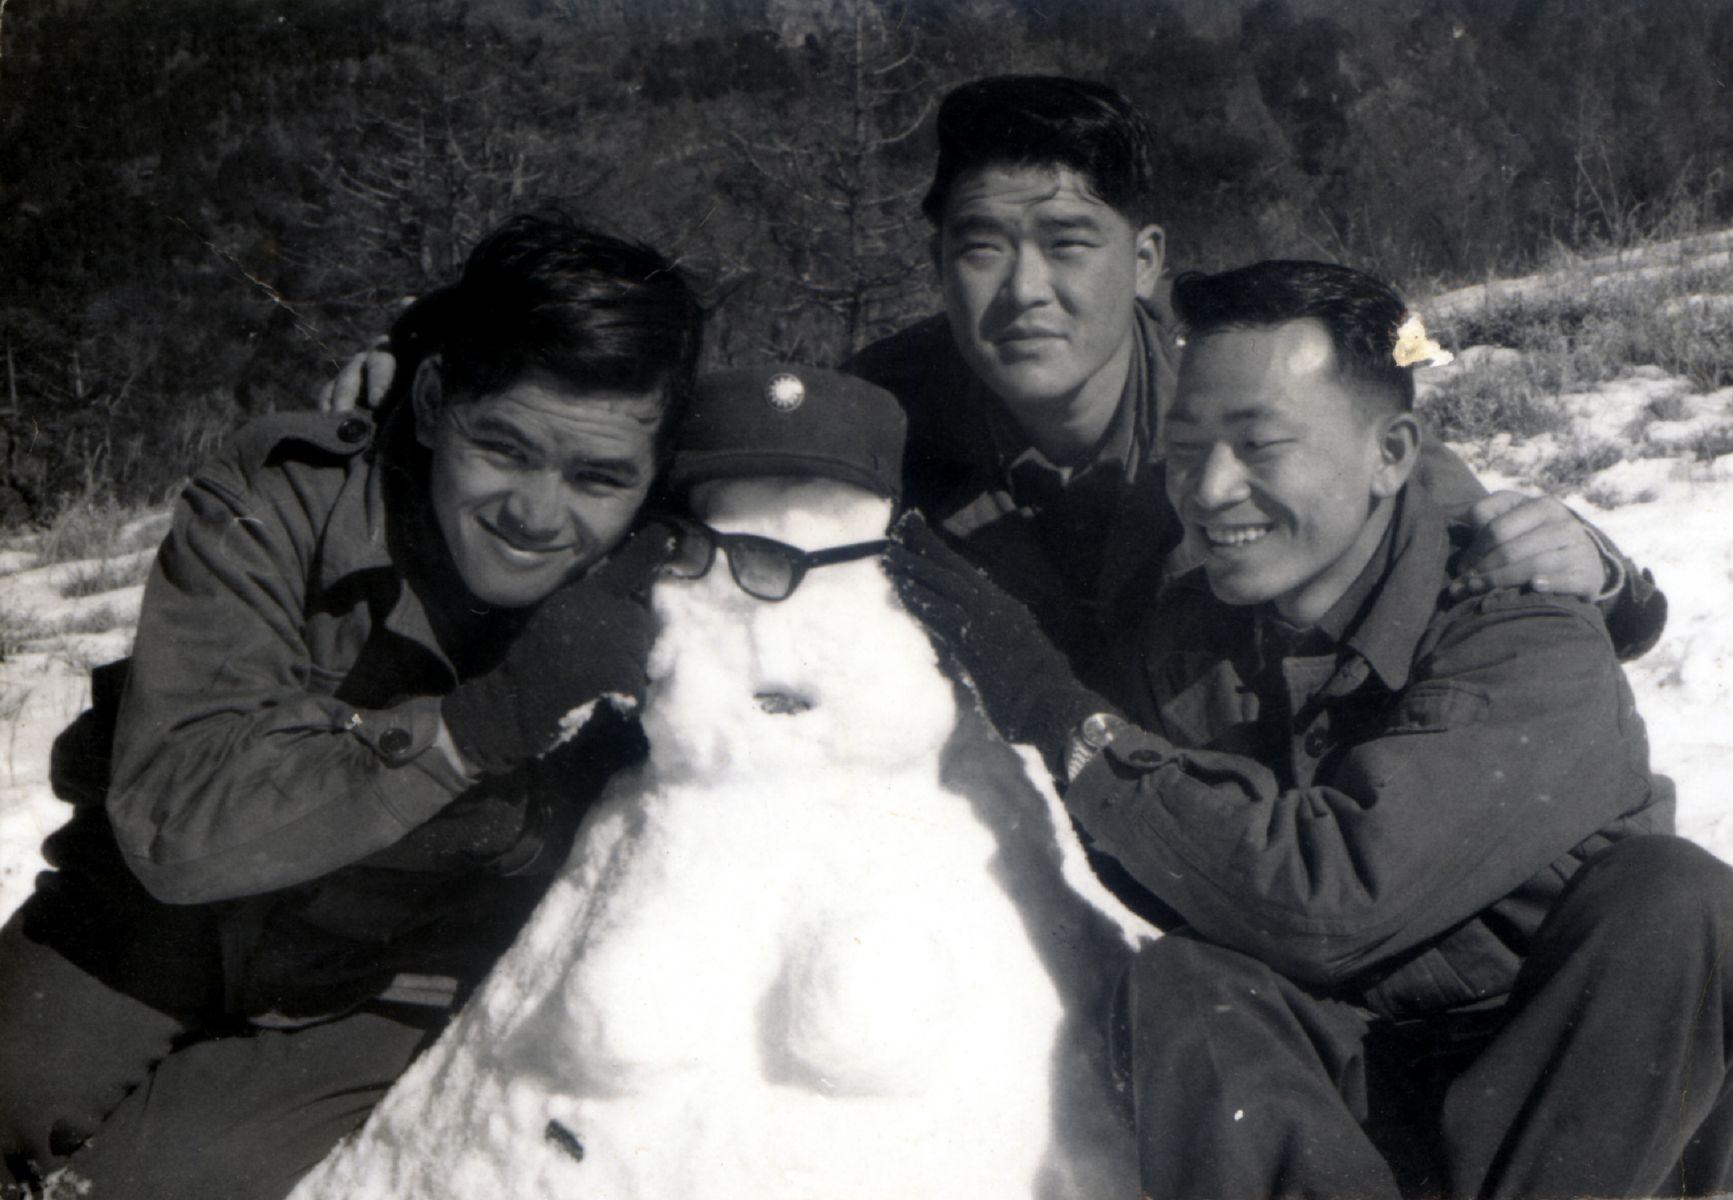 1969年賴世雄與軍中友人登大雪山